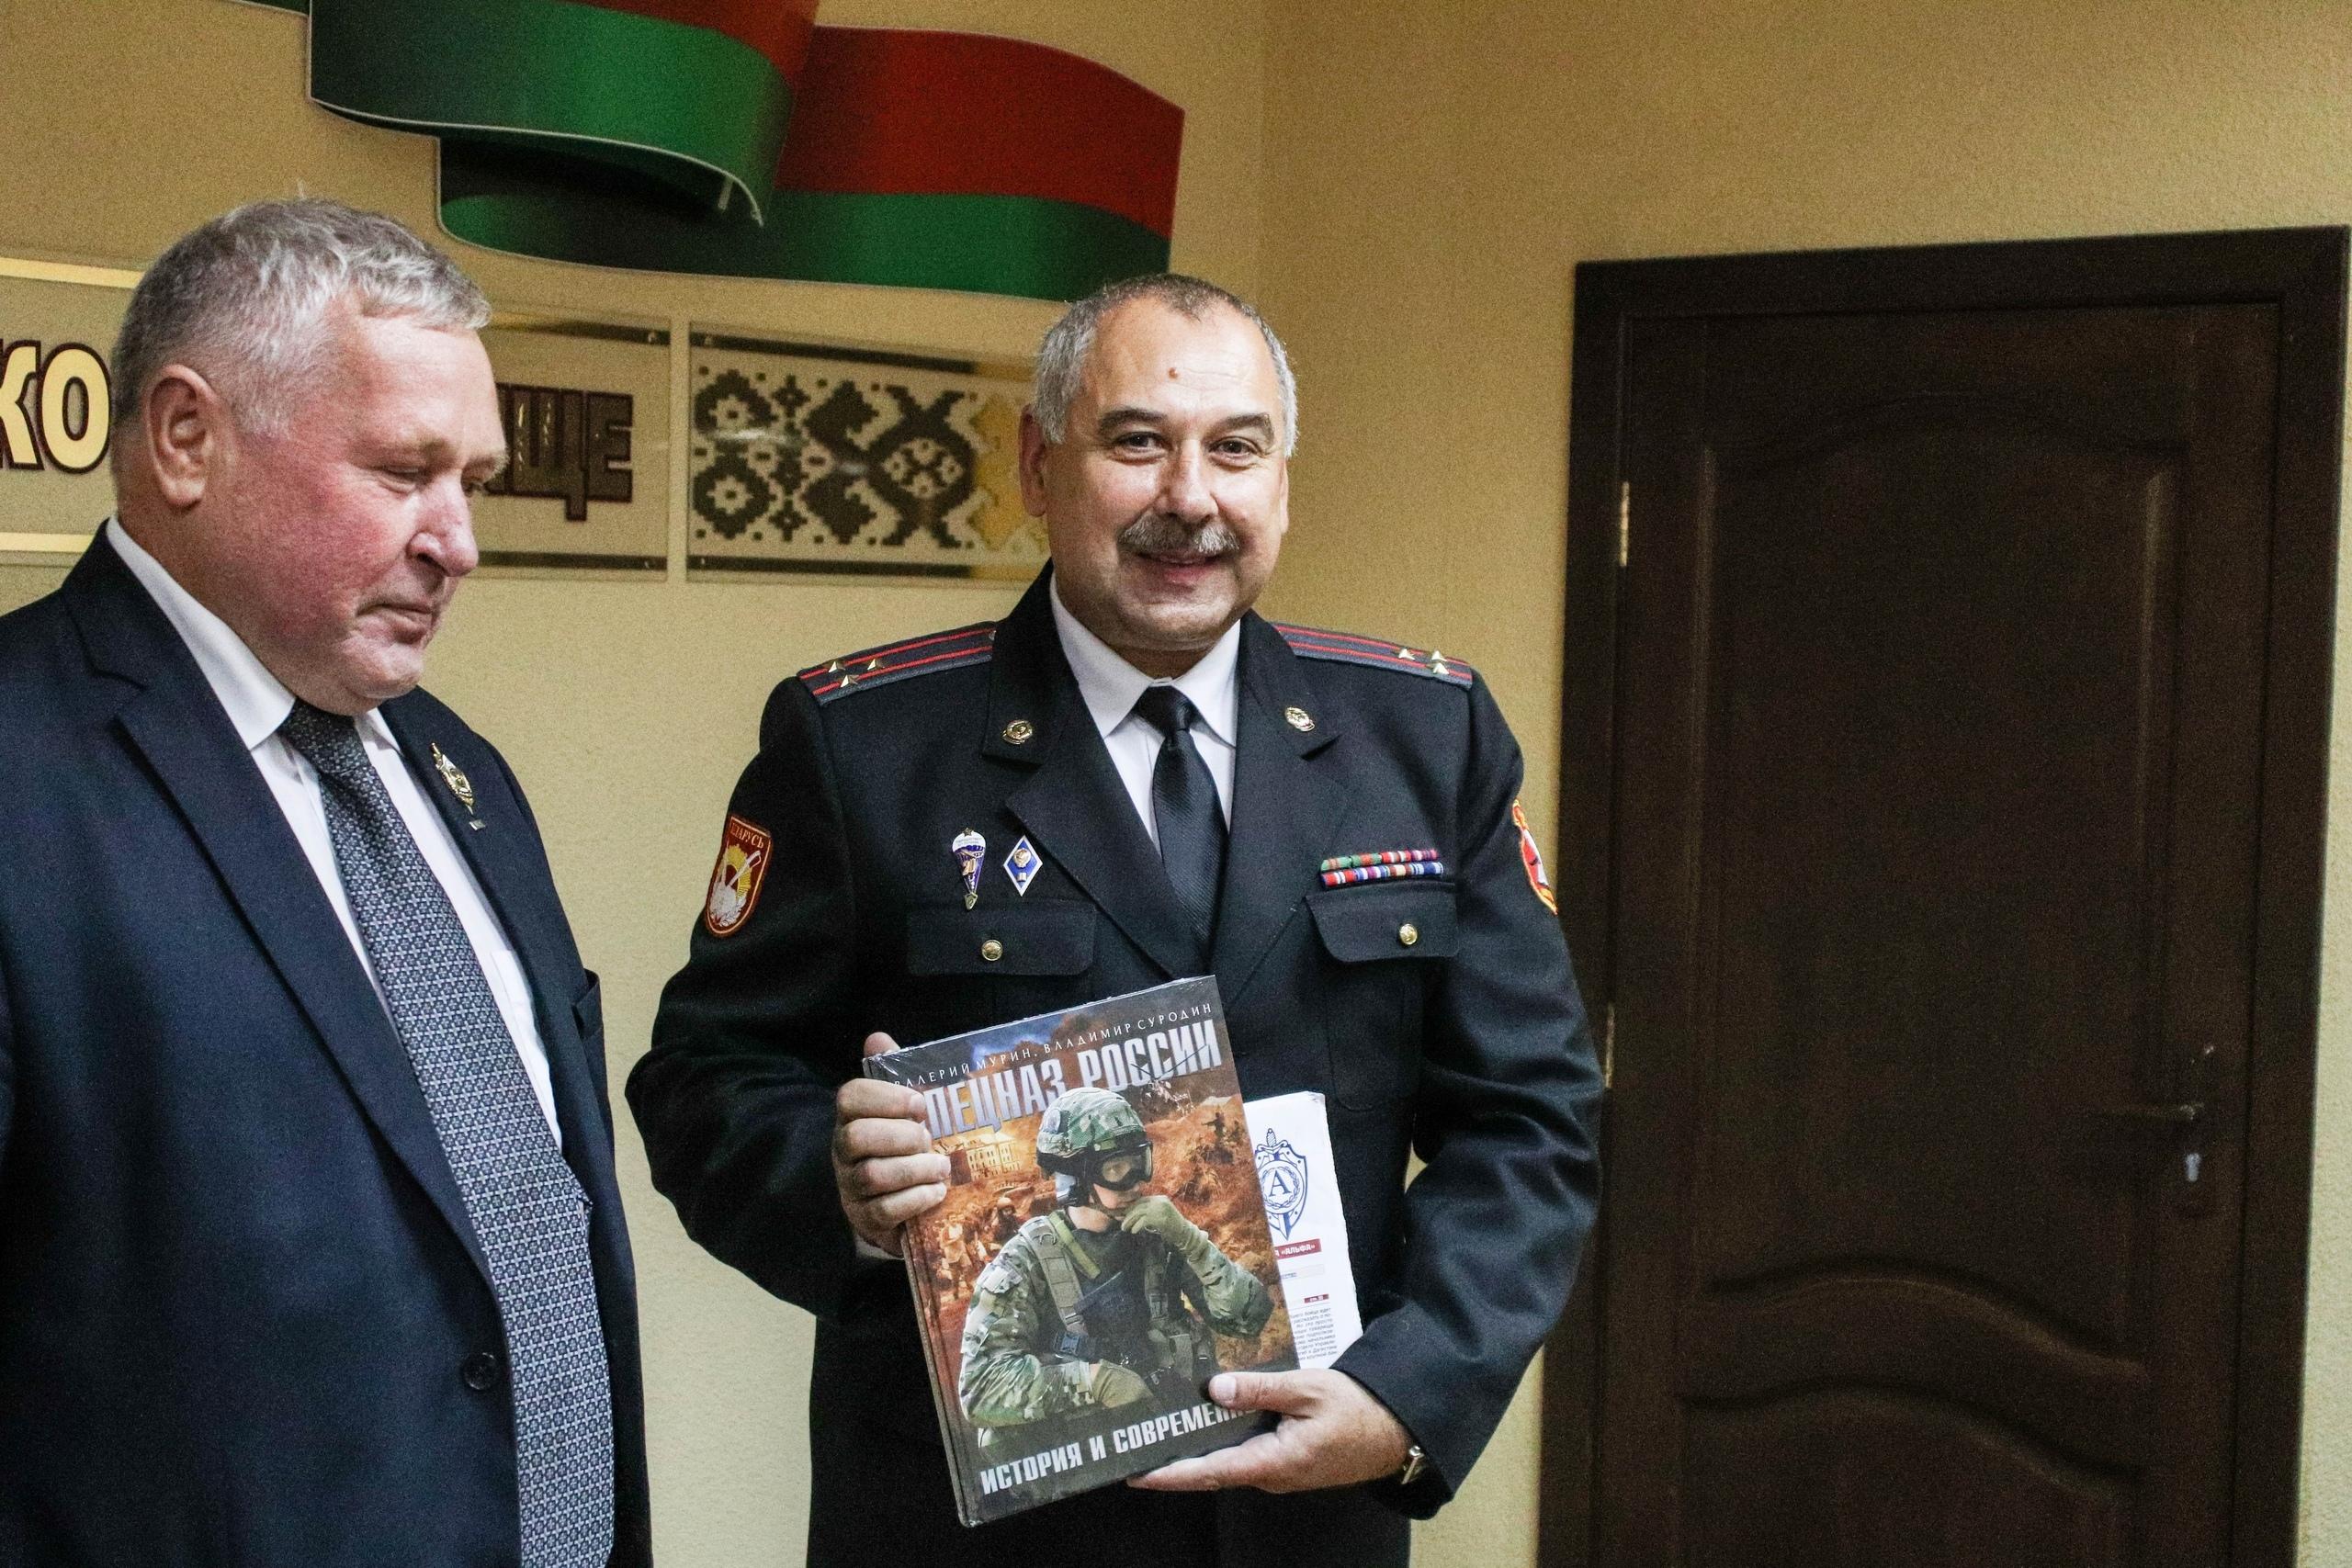 Пророссийская организация ответила, почему в Могилеве проводили спортивно-патриотический сбор на деньги администрации Путина